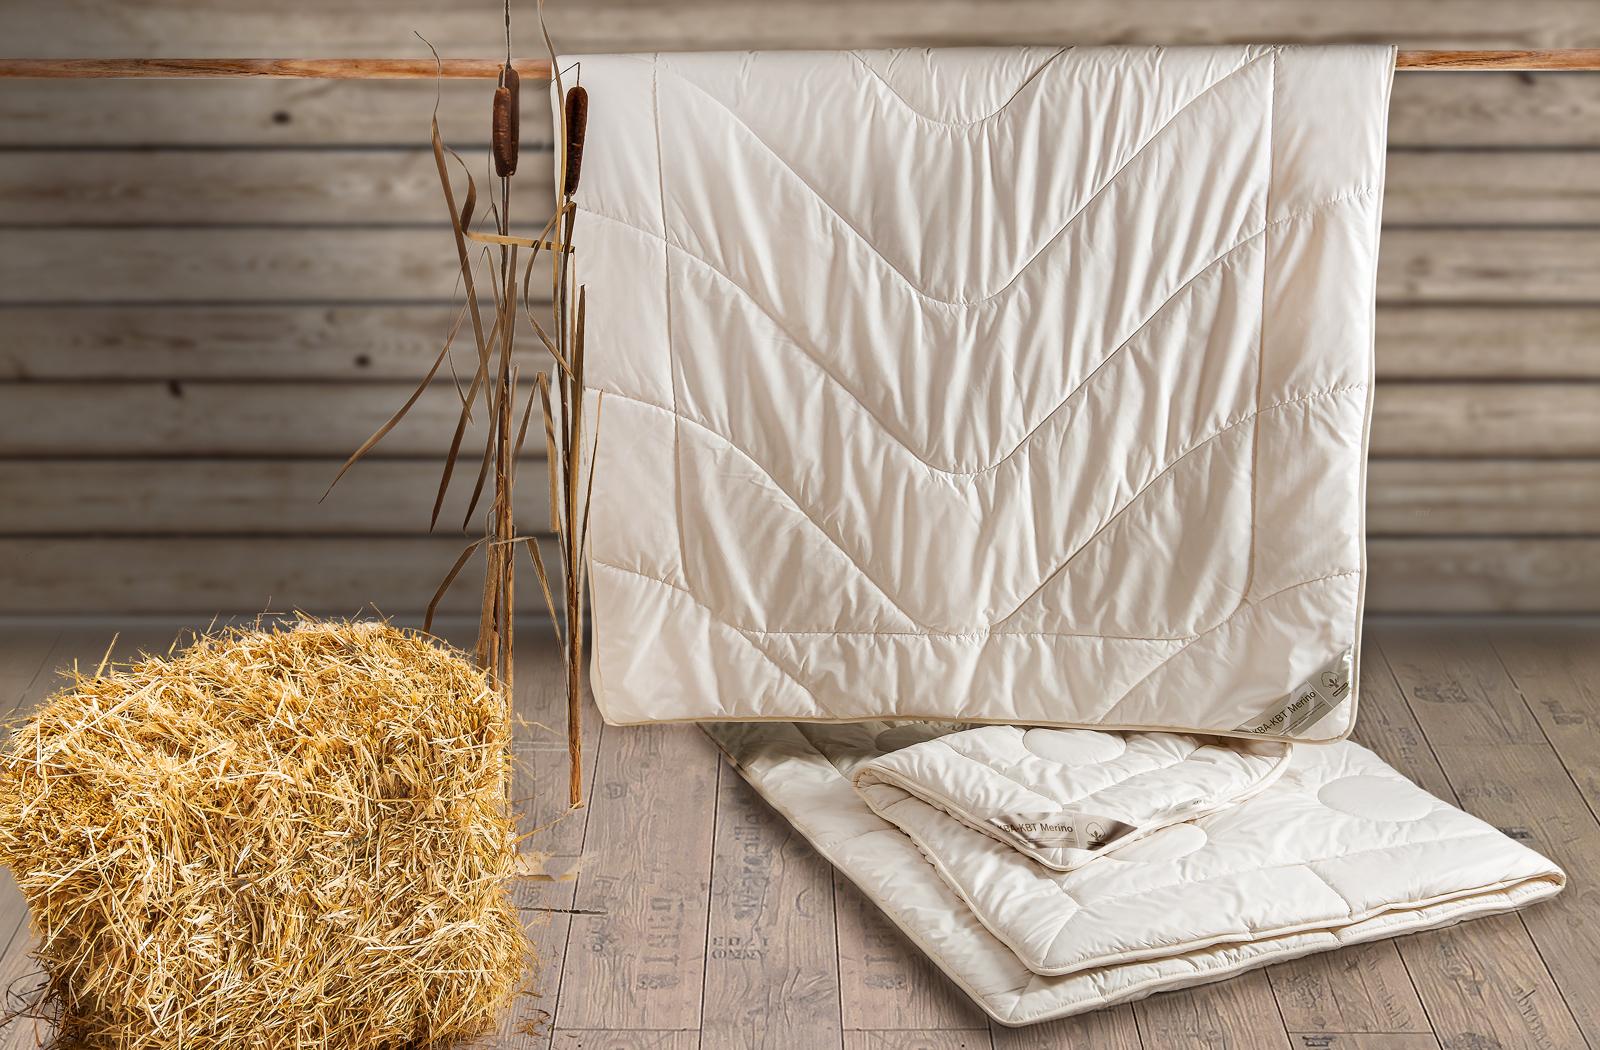 Bettdecke leichte Mono-Ganzjahresdecke KBT Merino Schurwolle mit Zirbe KBA BIO Baumwolle – Bild 3